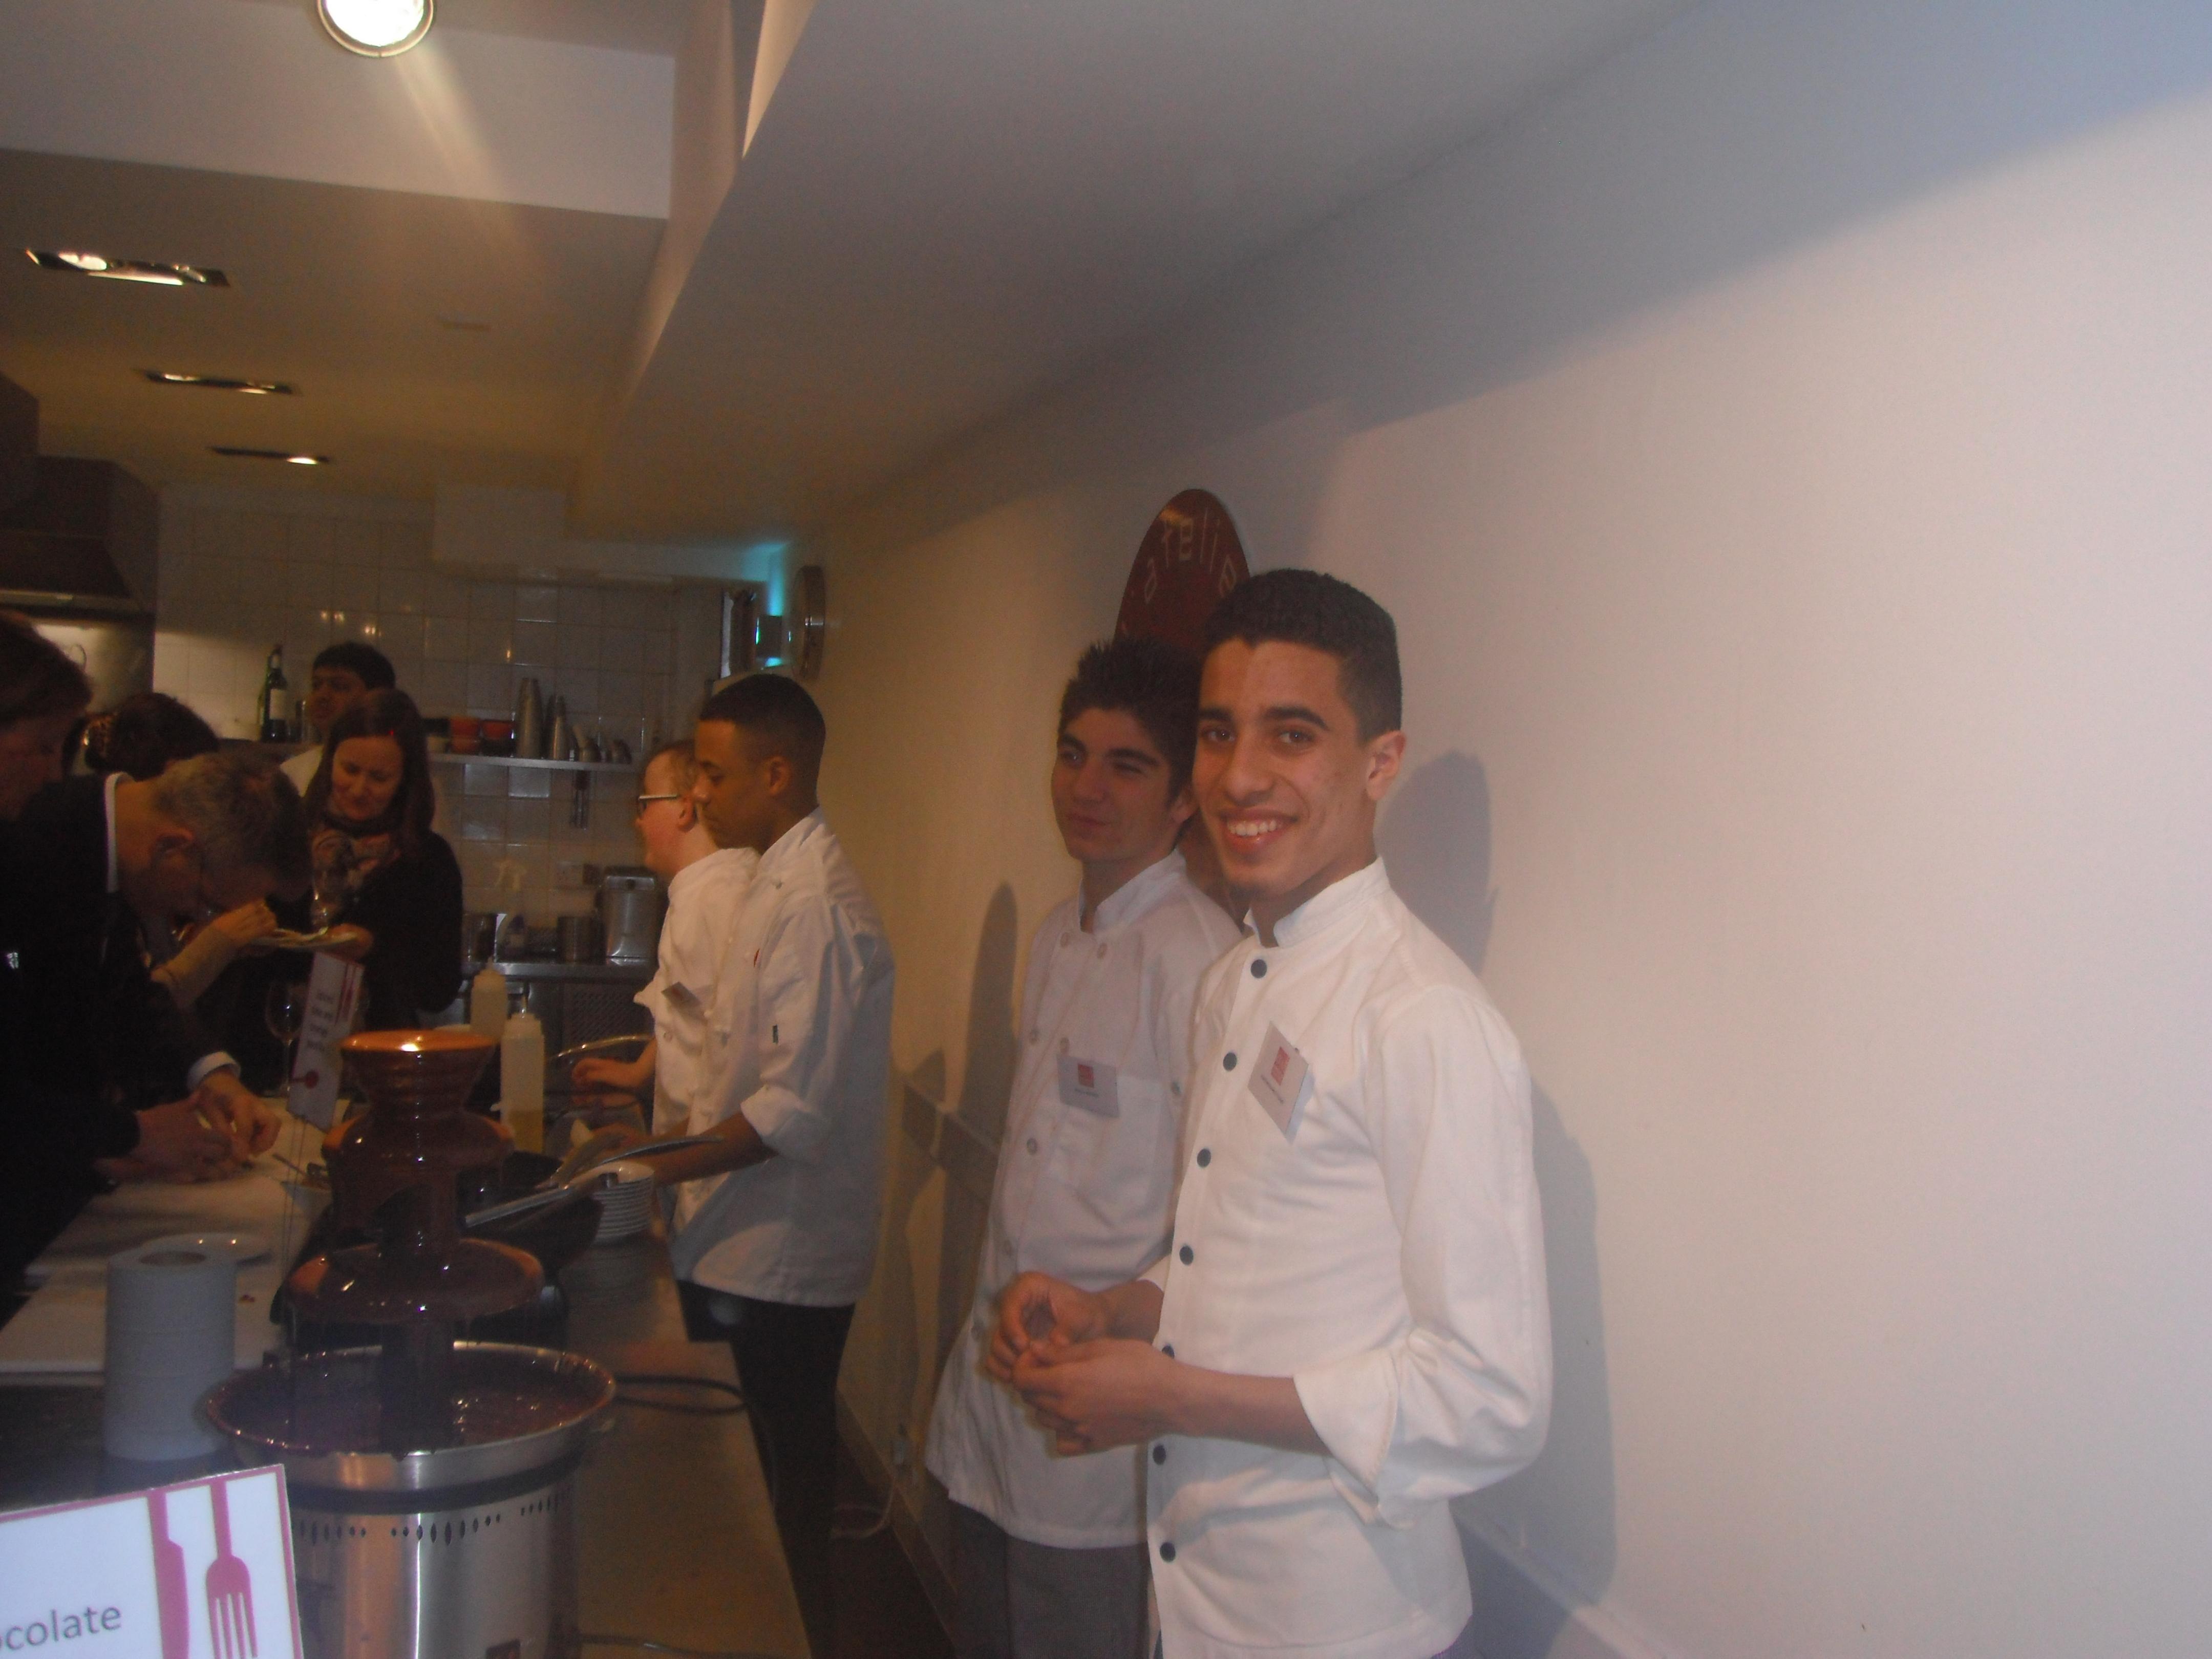 Soir e de gala londres avec l 39 atelier des chefs lyc e technologique et professionnel ufa - Cours de cuisine londres ...